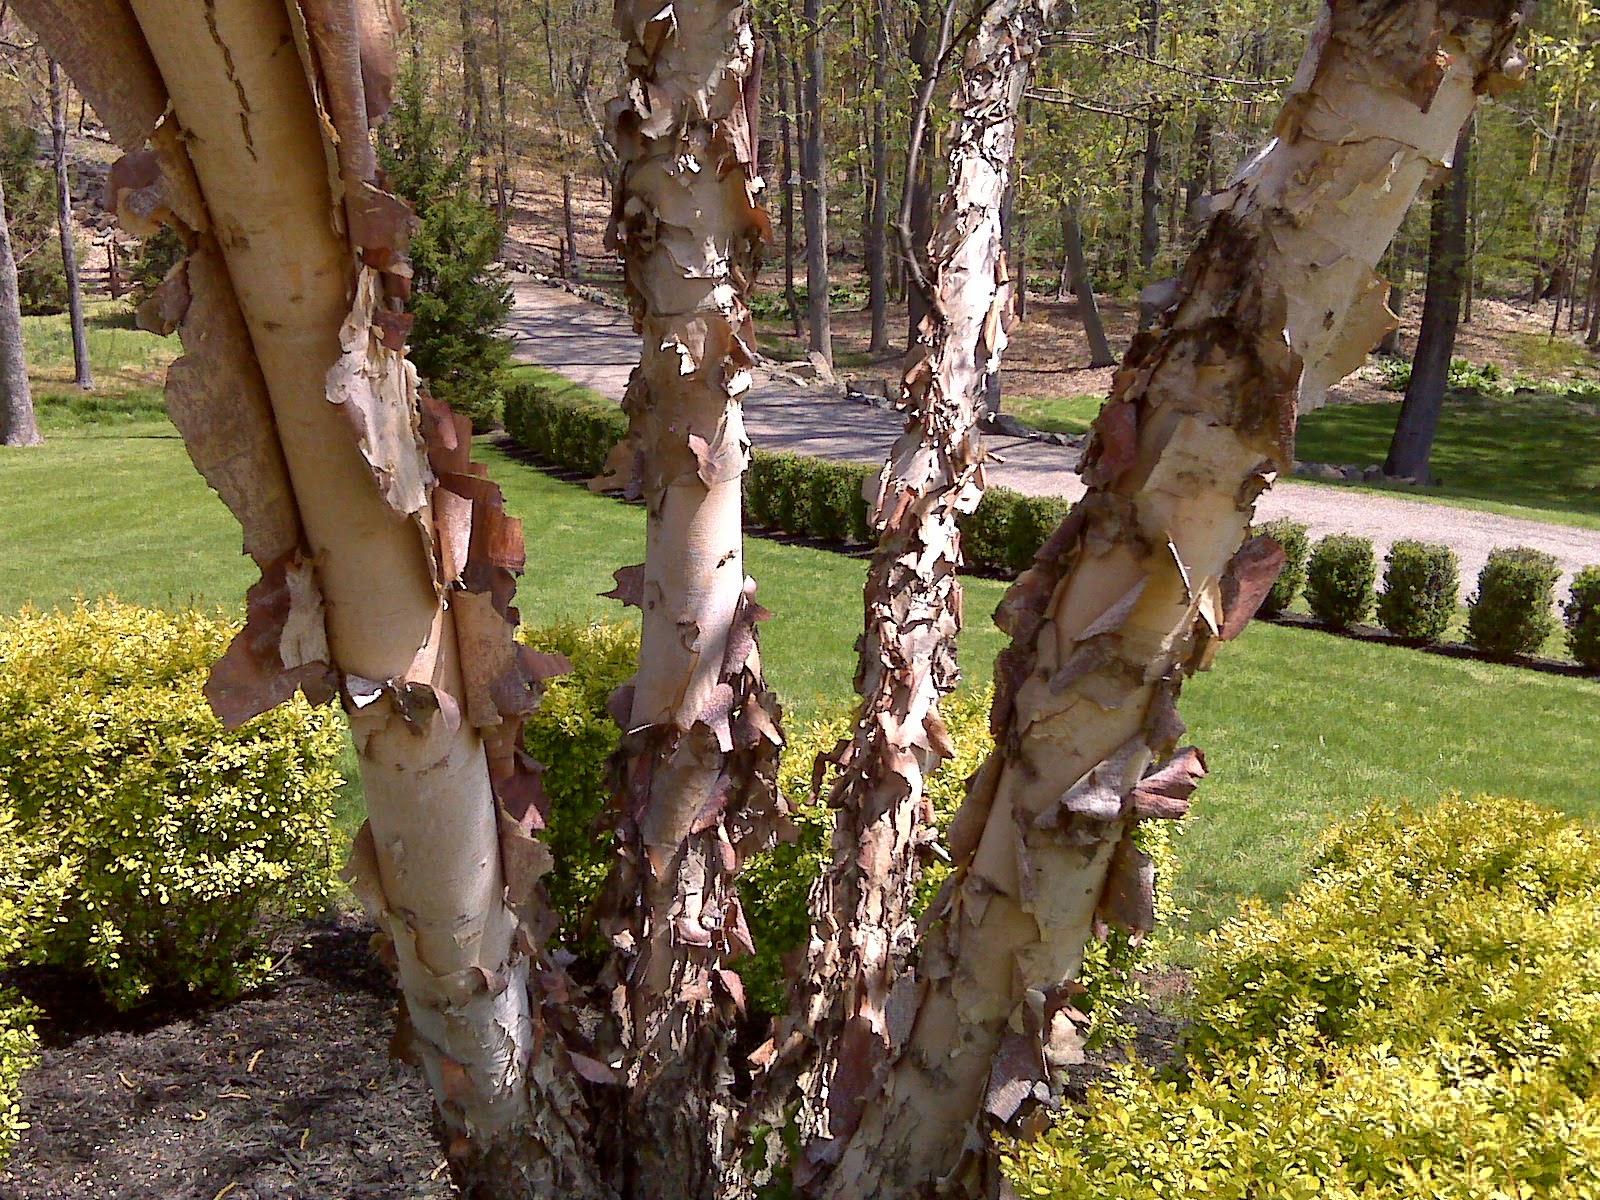 River Birch Multi Stem Bark